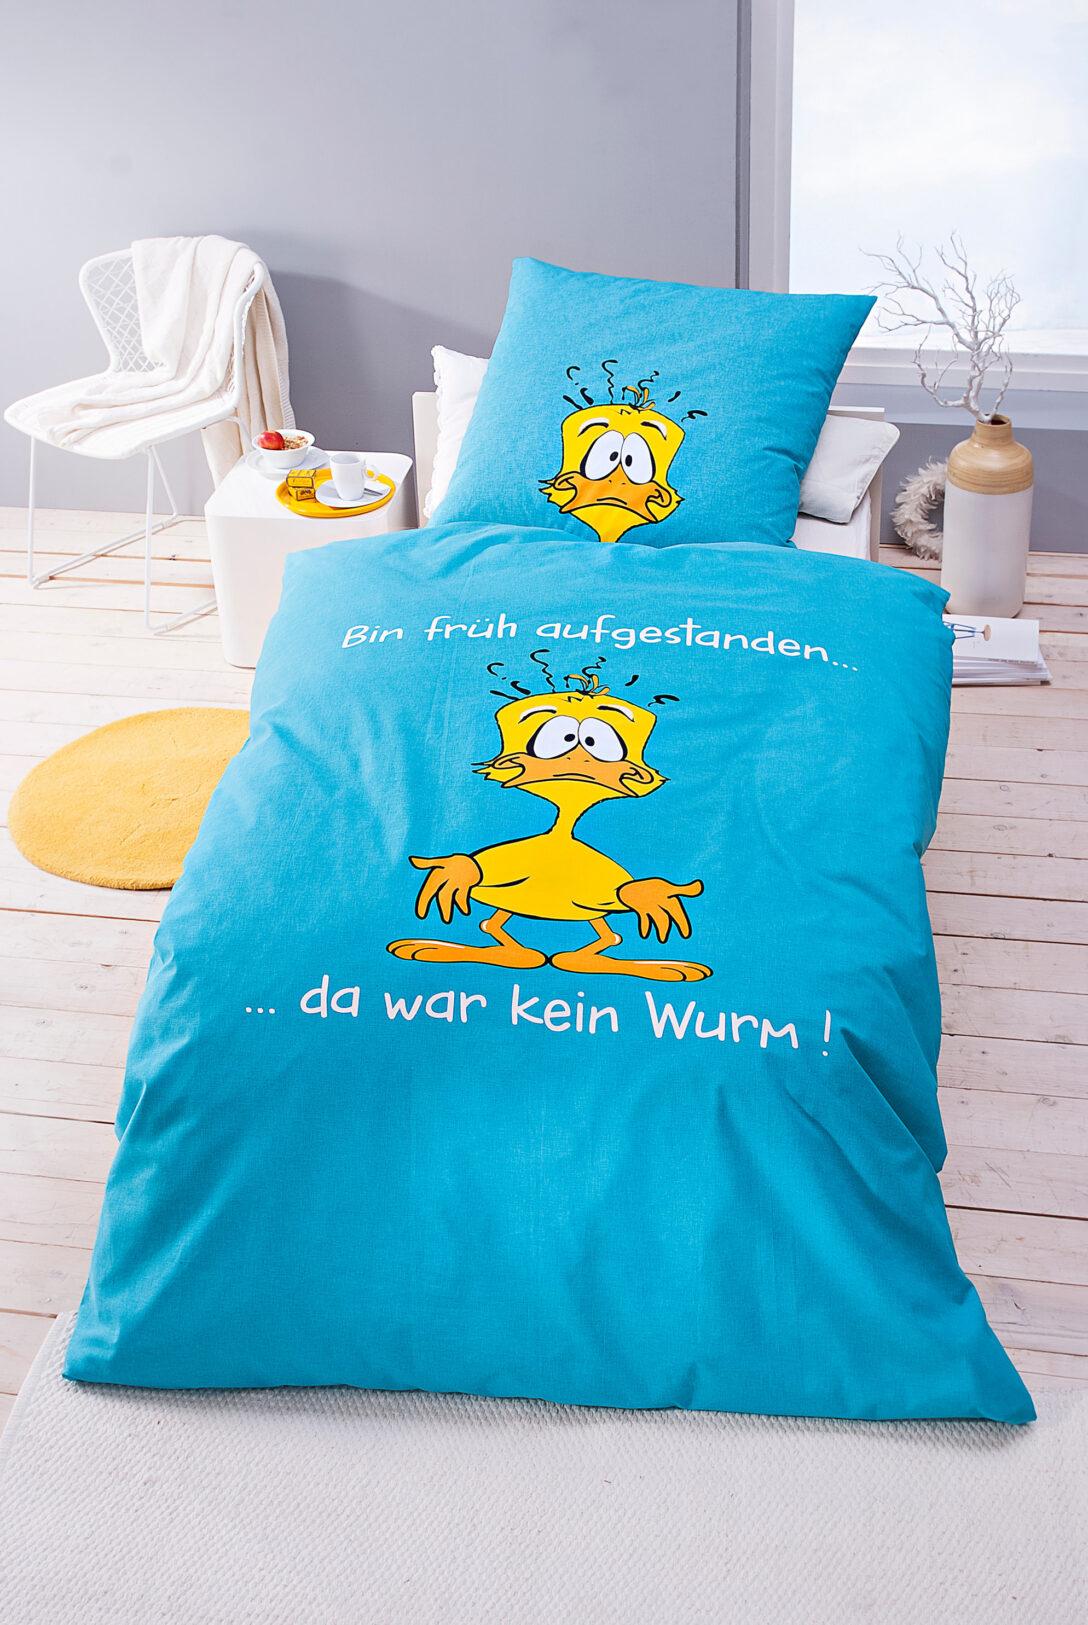 Large Size of Lustige Bettwäsche 155x220 Bettwsche Da War Kein Wurm Sprüche T Shirt T Shirt Wohnzimmer Lustige Bettwäsche 155x220